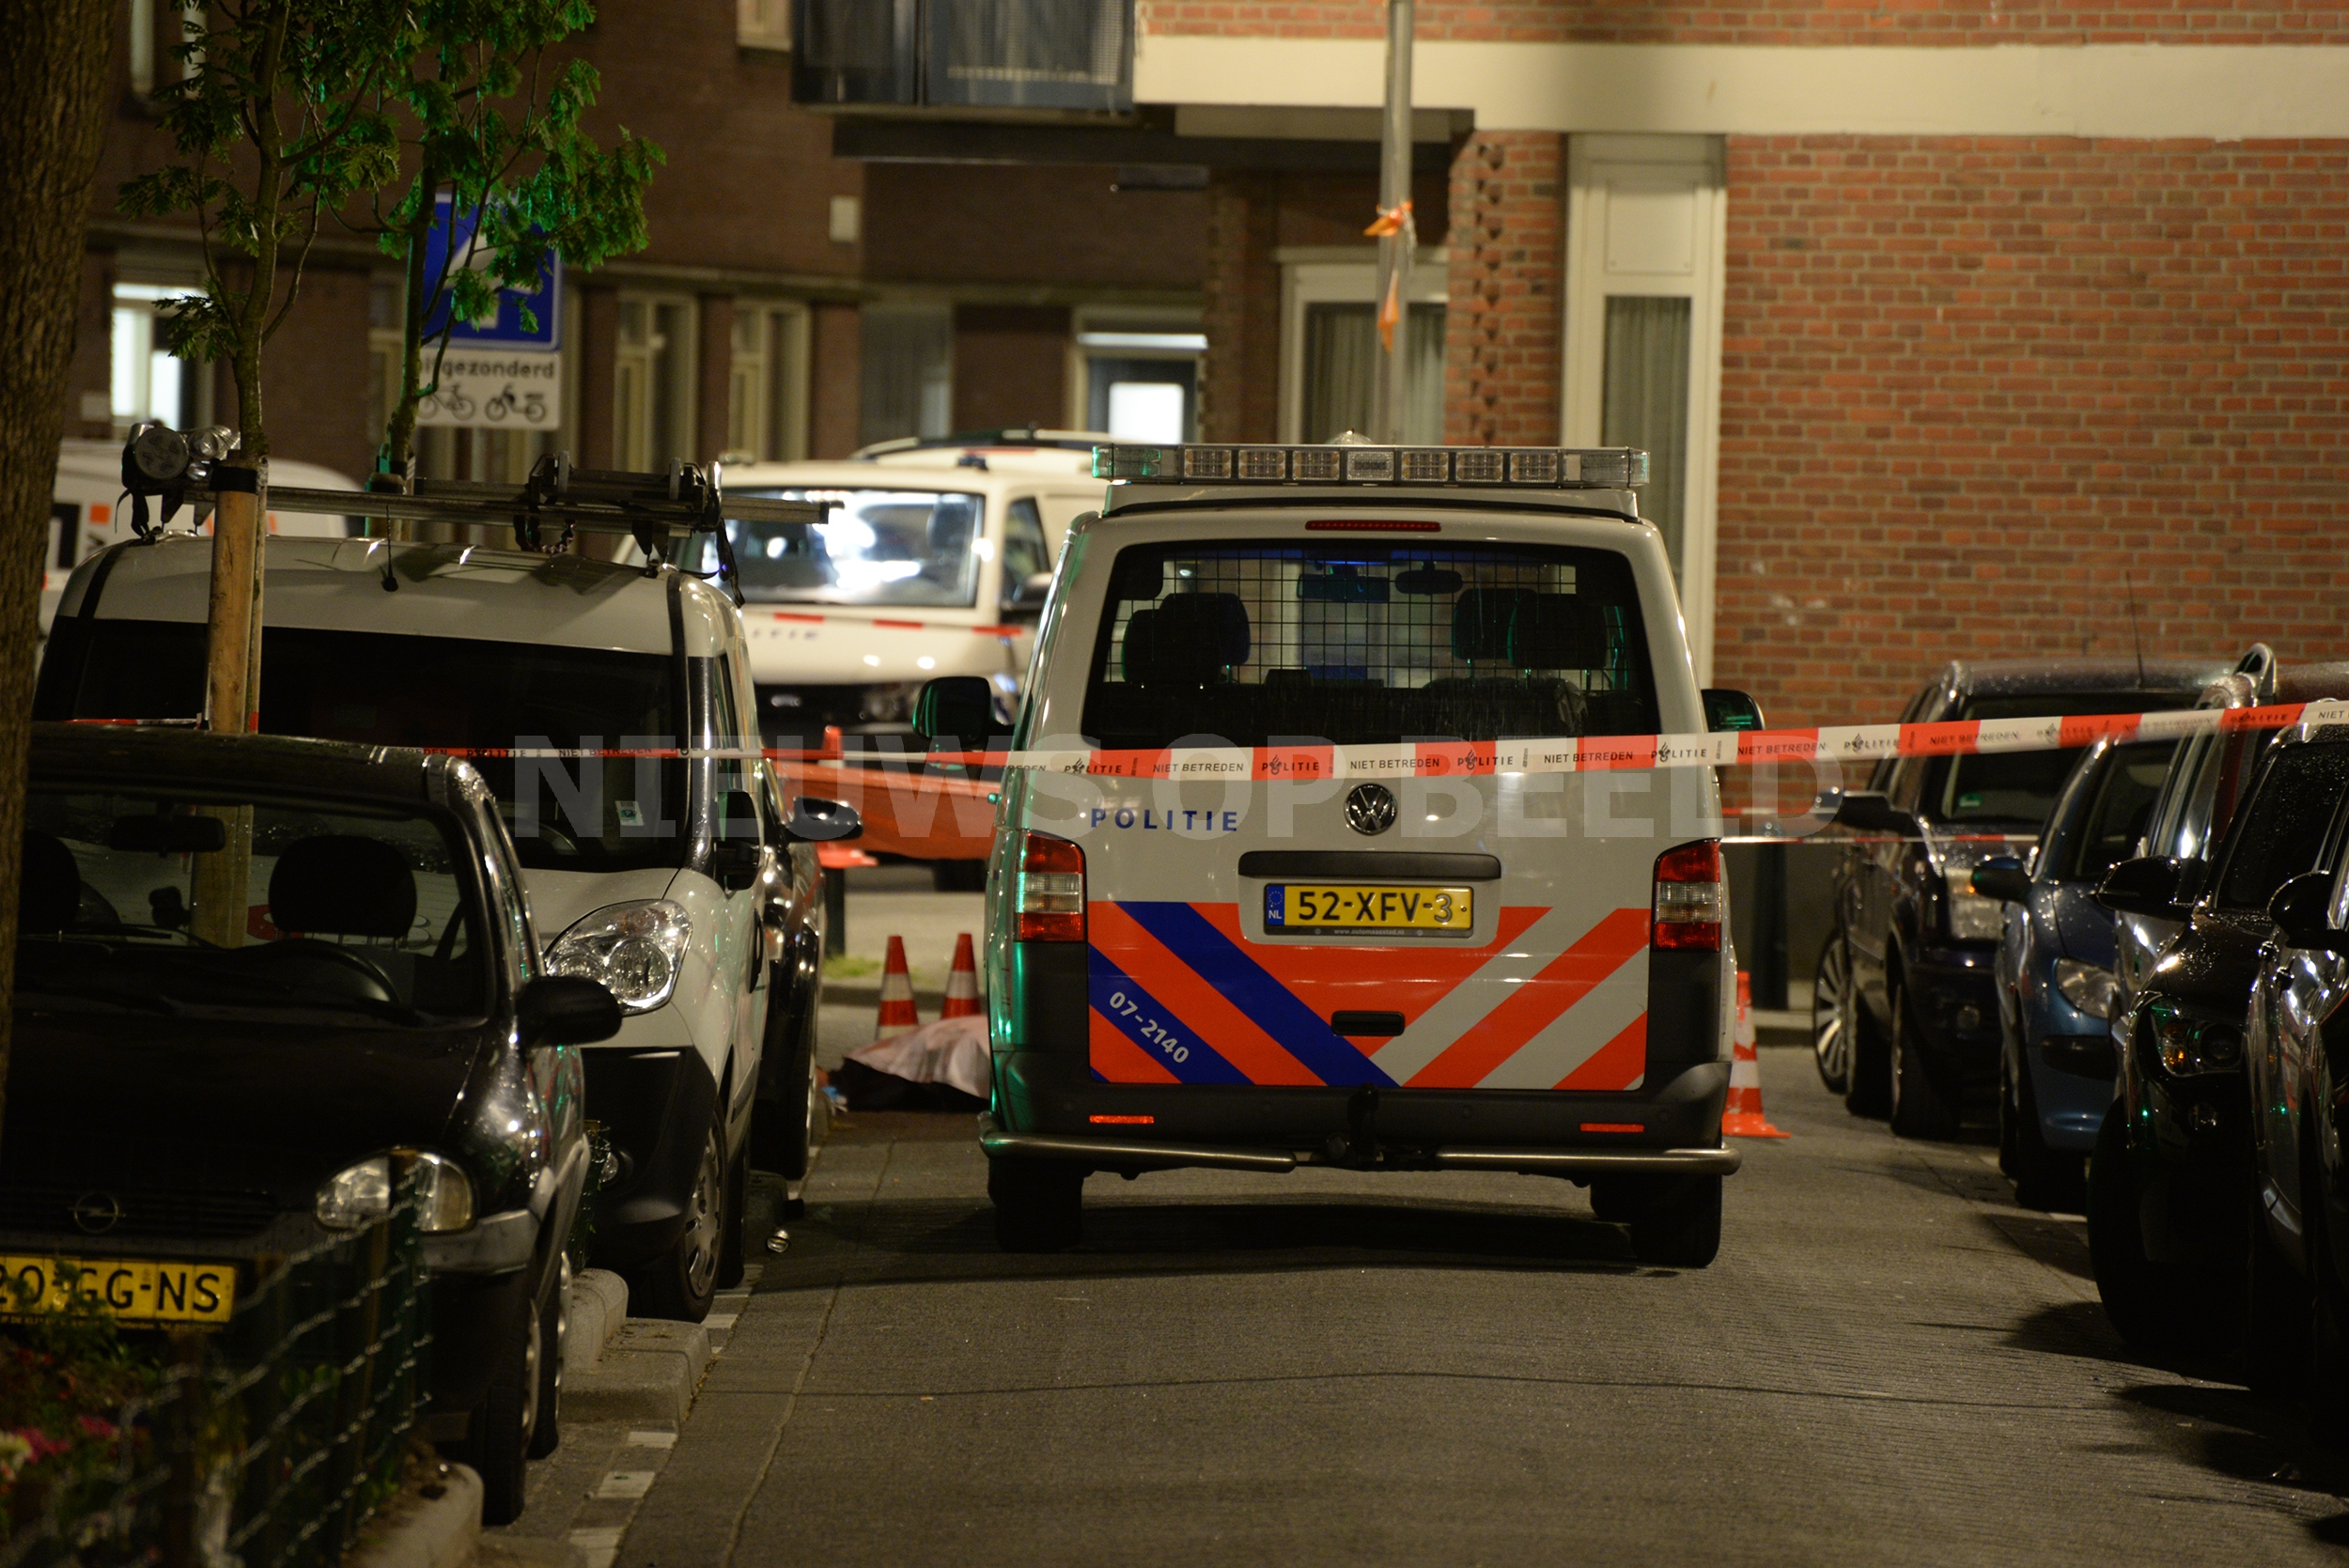 Man met schotwond meldt zich in ziekenhuis na fataal schietincident Essenburgstraat Rotterdam